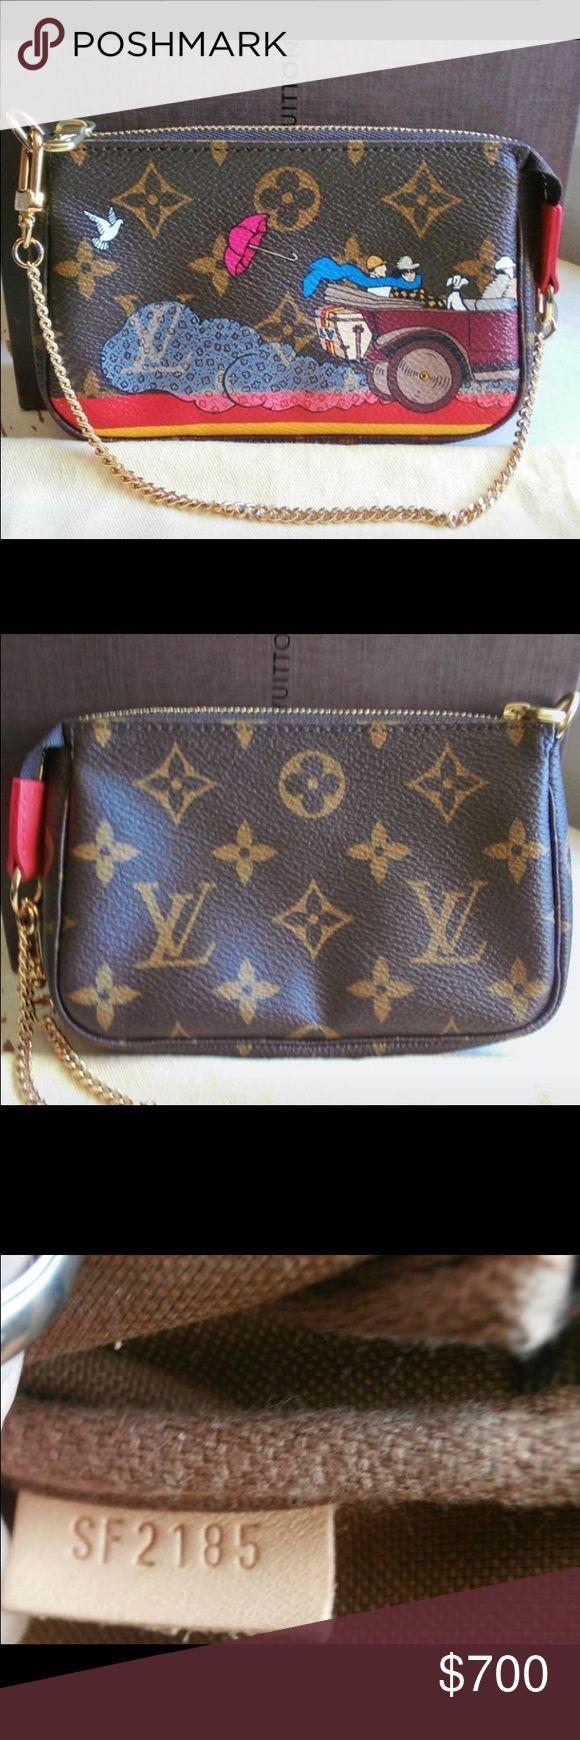 Louis Vuitton pochette Beautiful 100% authentic Louis Vuitton bag! SOLD OUT! Rare bag! New bag never worn! Louis Vuitton Bags